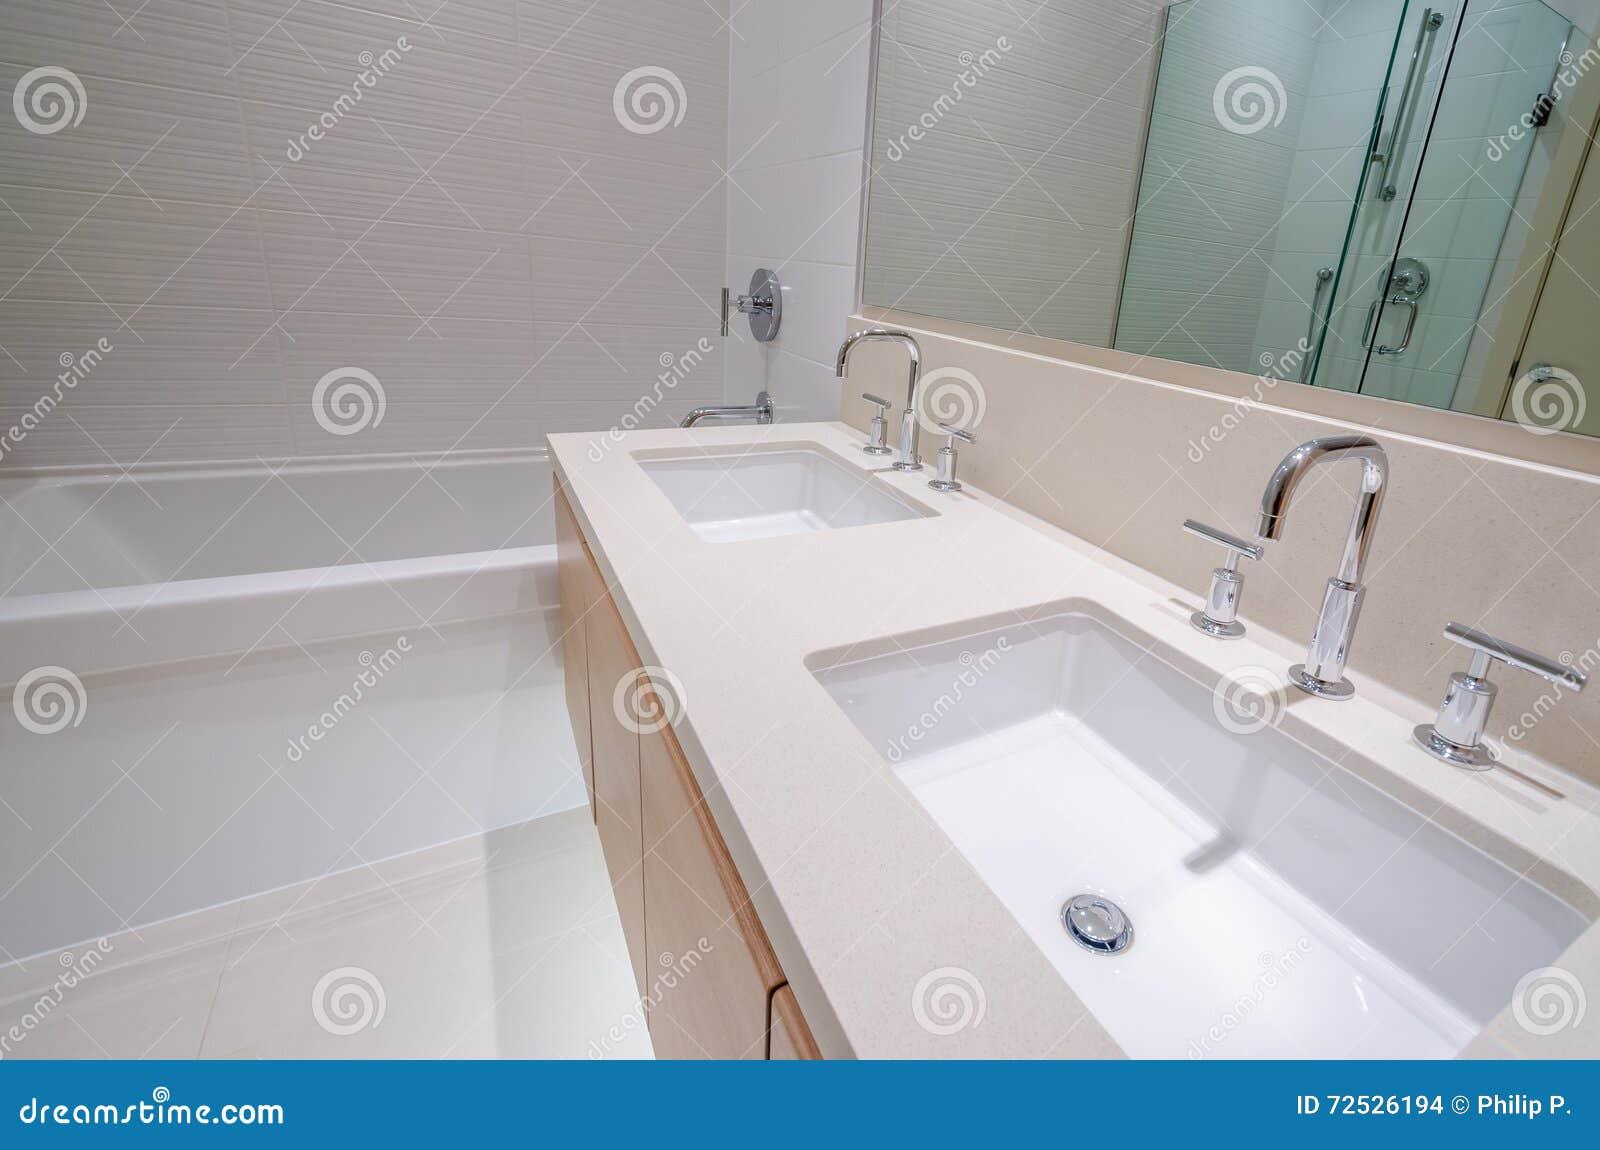 Wunderbar Badezimmer Badewanne Sammlung Von Pattern Mit Und Zwei Wannen Stockfoto -